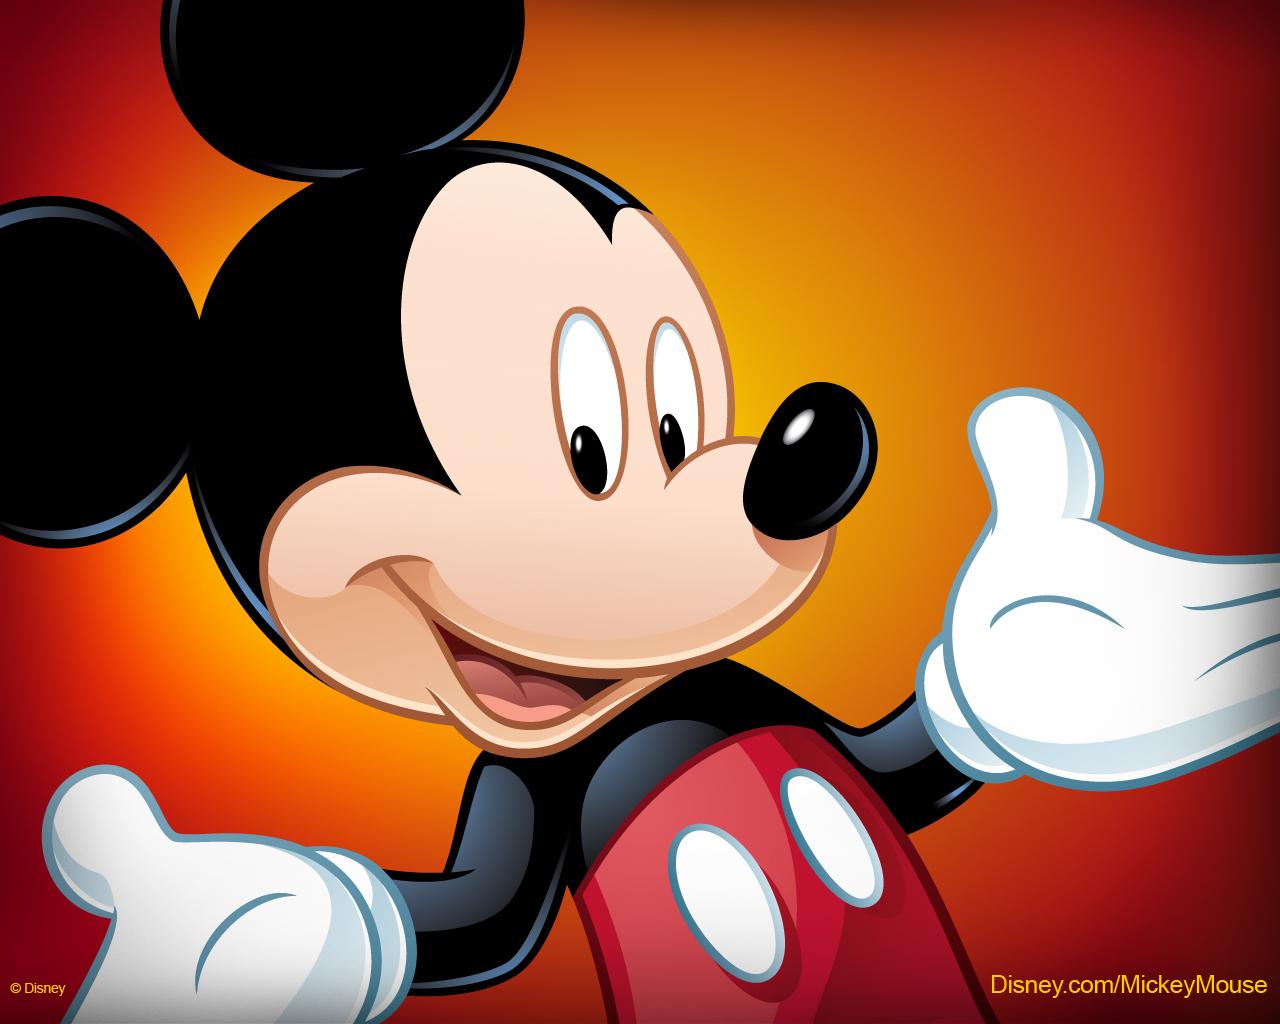 Gambar Mickey Mouse Lucu Lengkap Gambar Foto